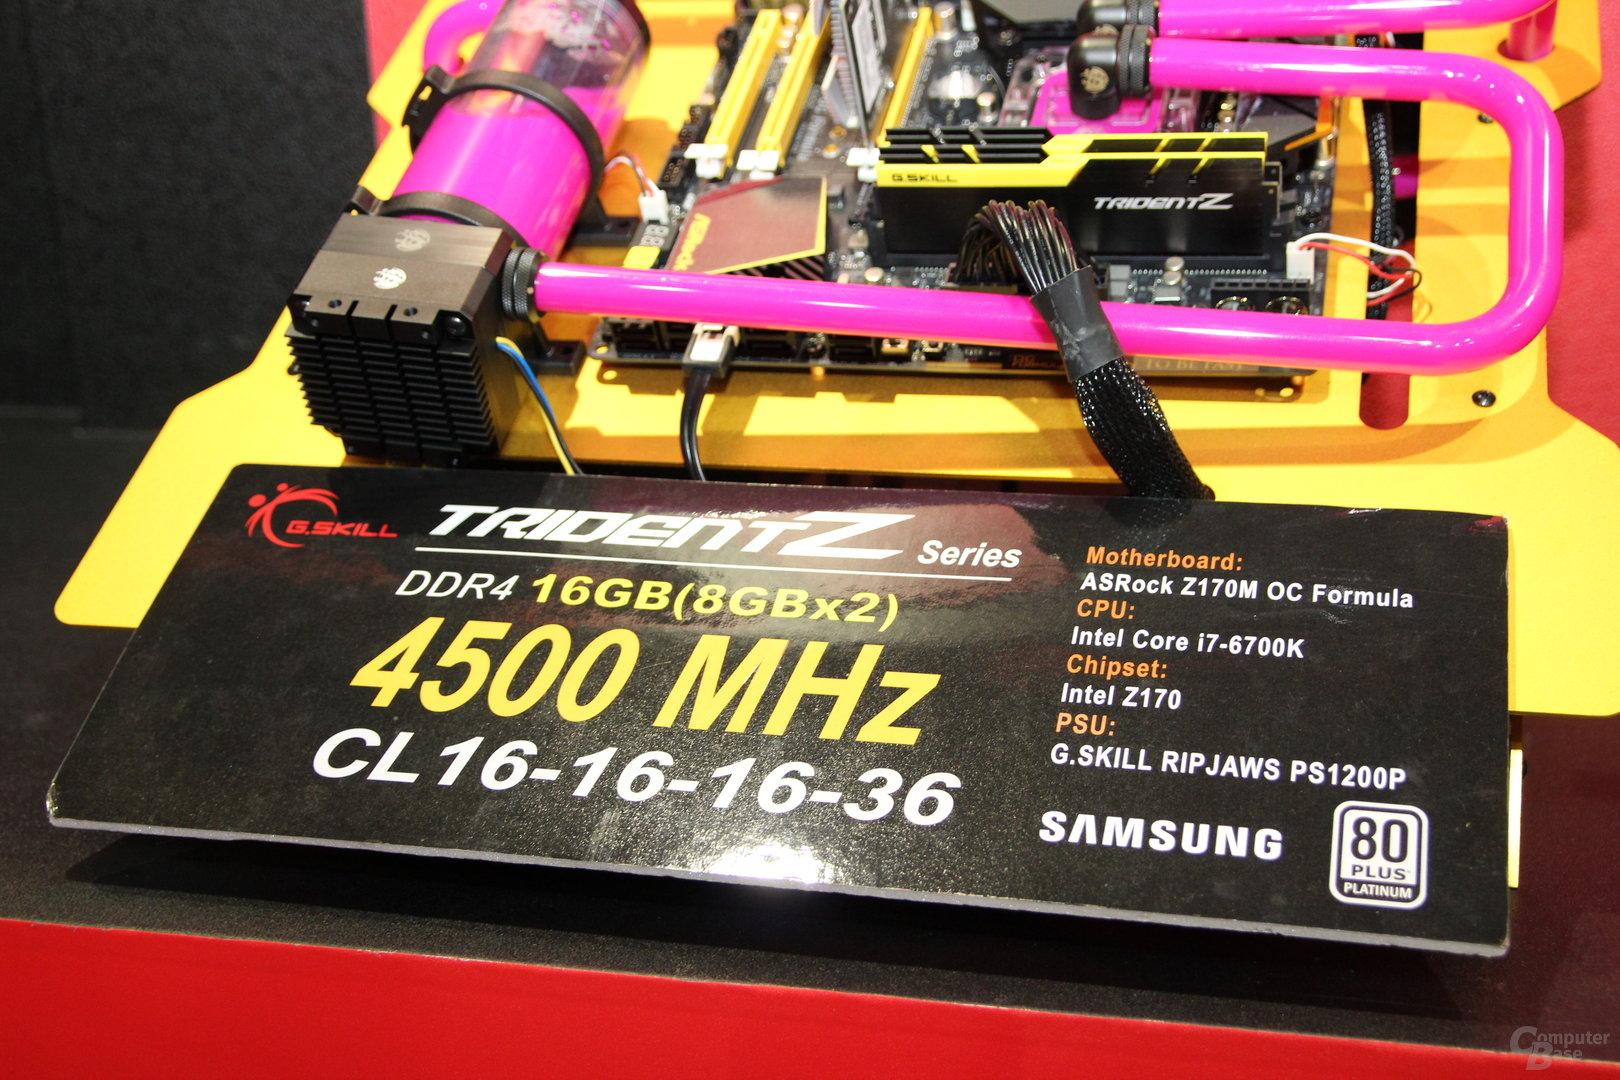 G.Skill Trident Z als serienreifes DDR4-DIMM-Kit mit 4.500 MHz bei CL16